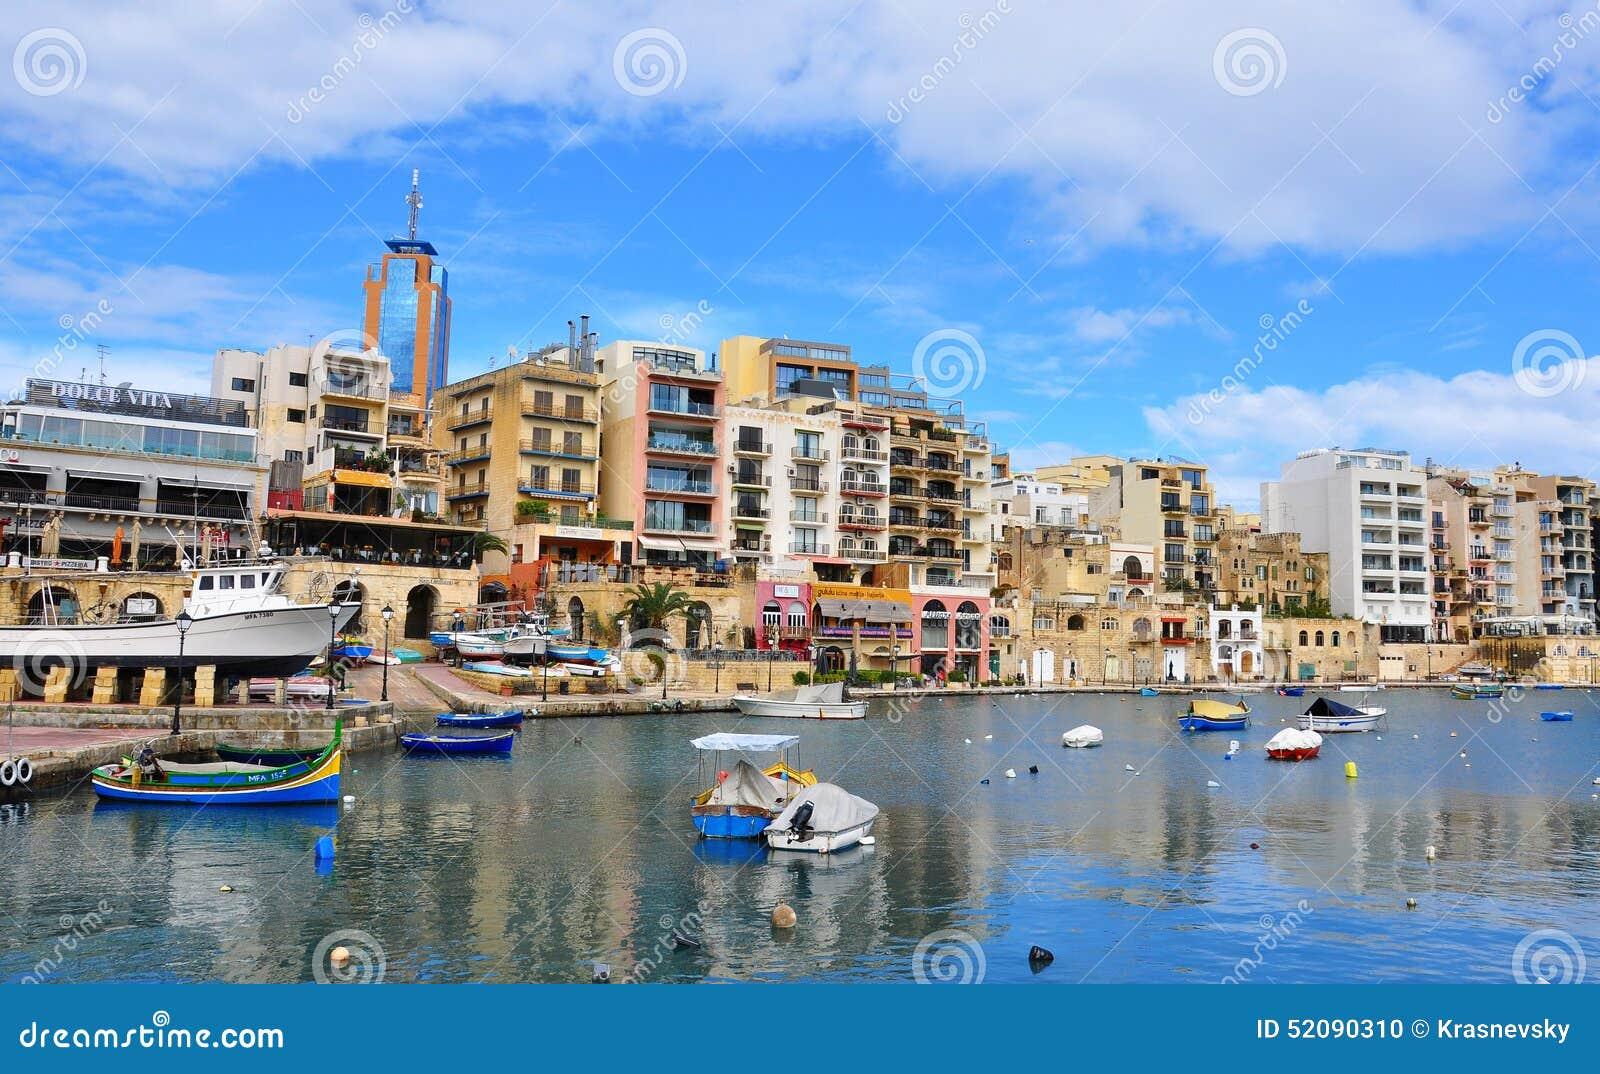 San Julians, Malta